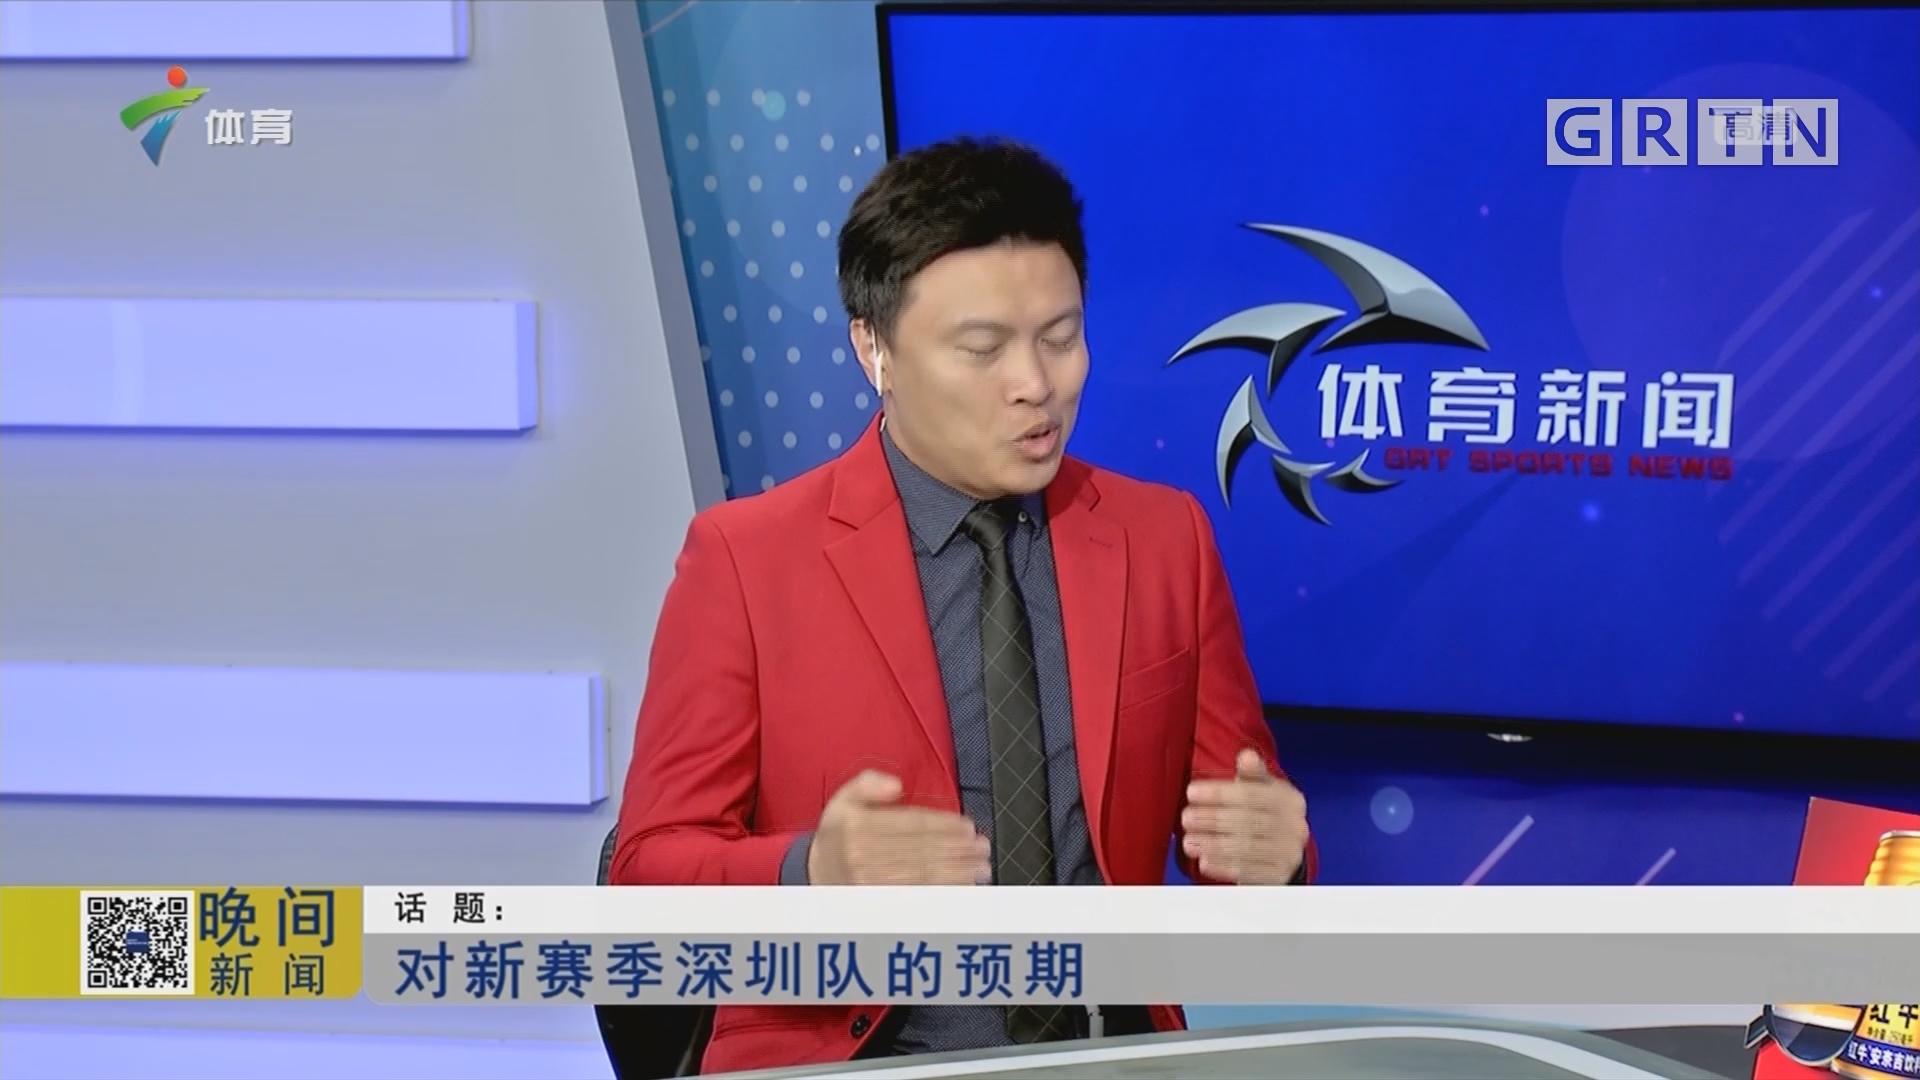 话题:对新赛季深圳队的预期